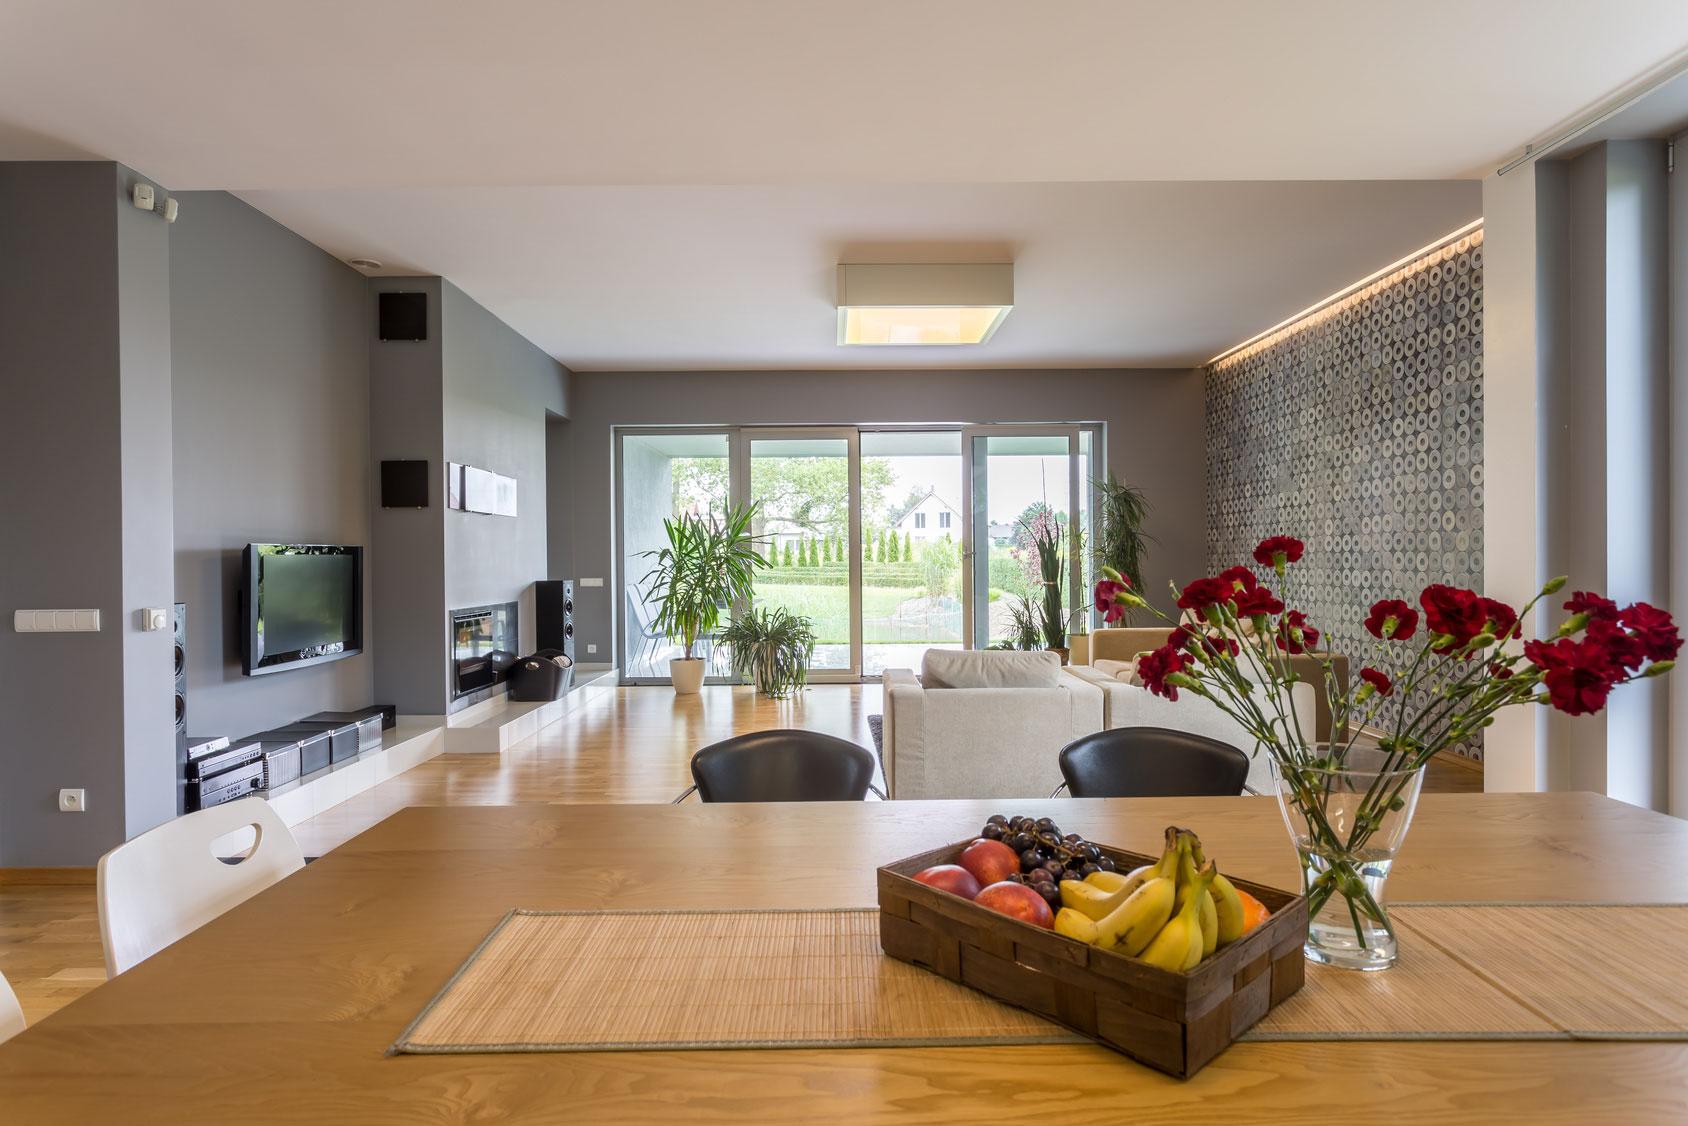 Case ville e appartamenti in provincia di modena for Appartamenti arredati modena